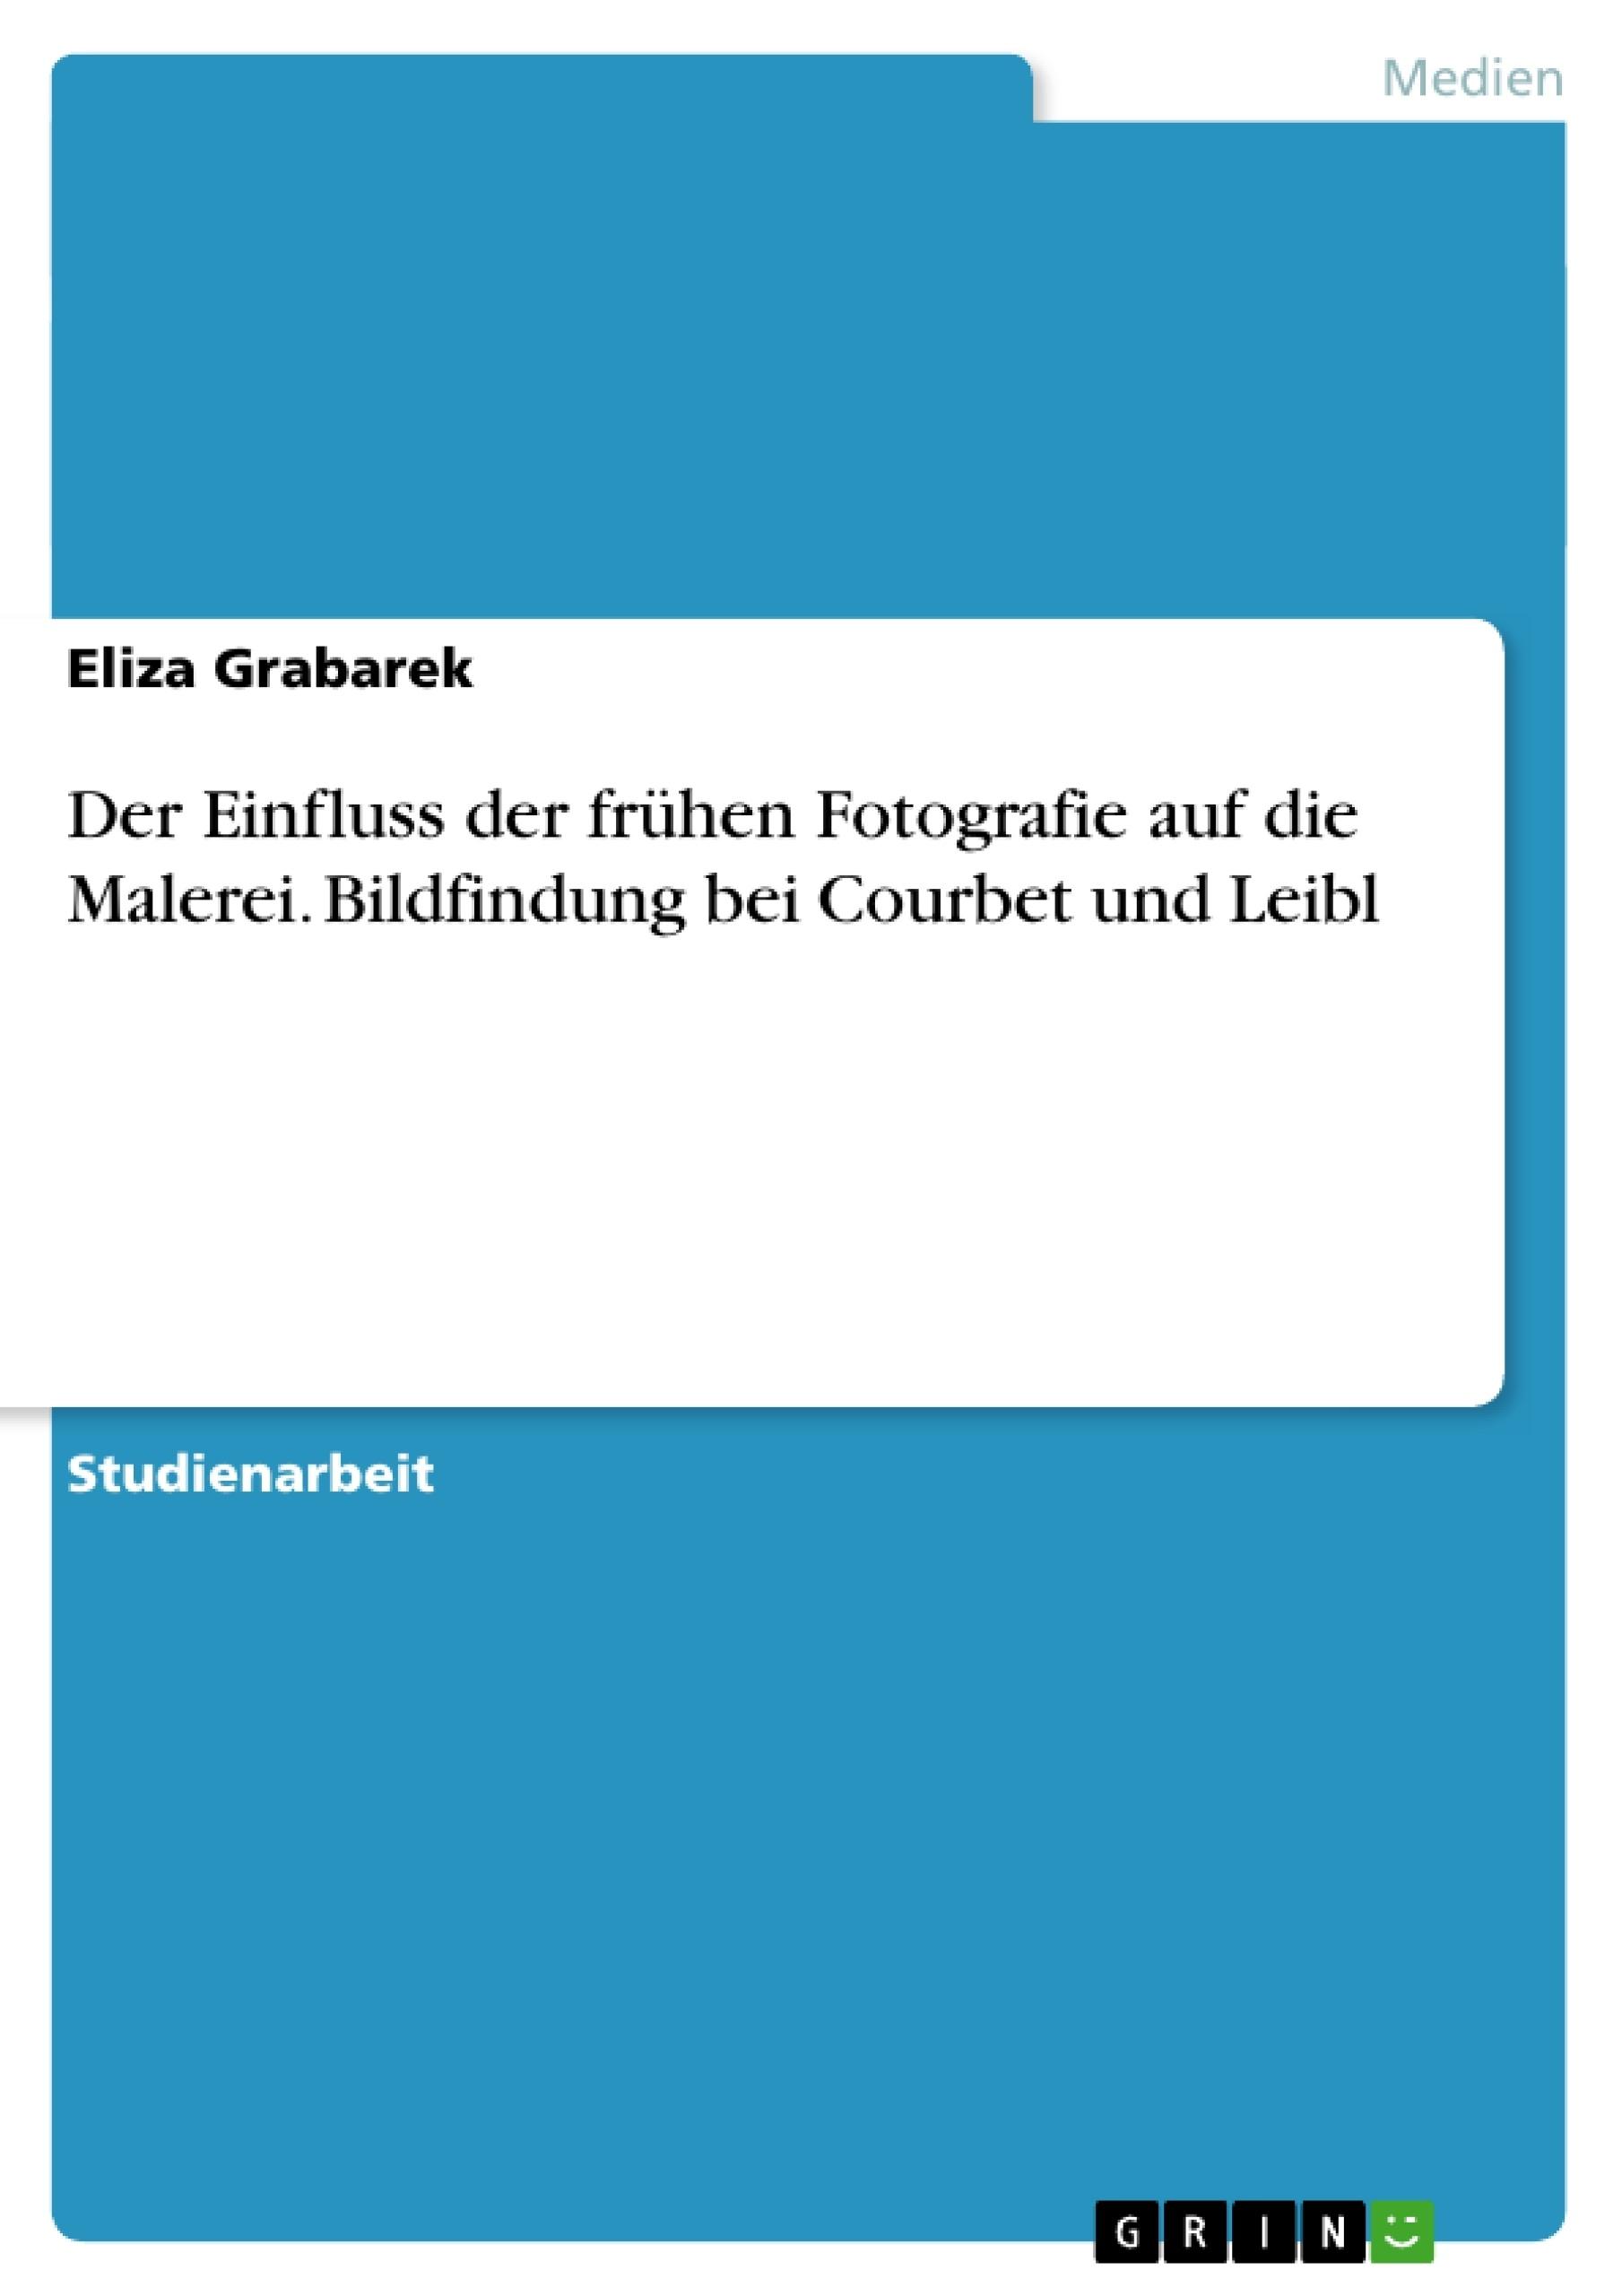 Titel: Der Einfluss der frühen Fotografie auf die Malerei. Bildfindung bei Courbet und Leibl